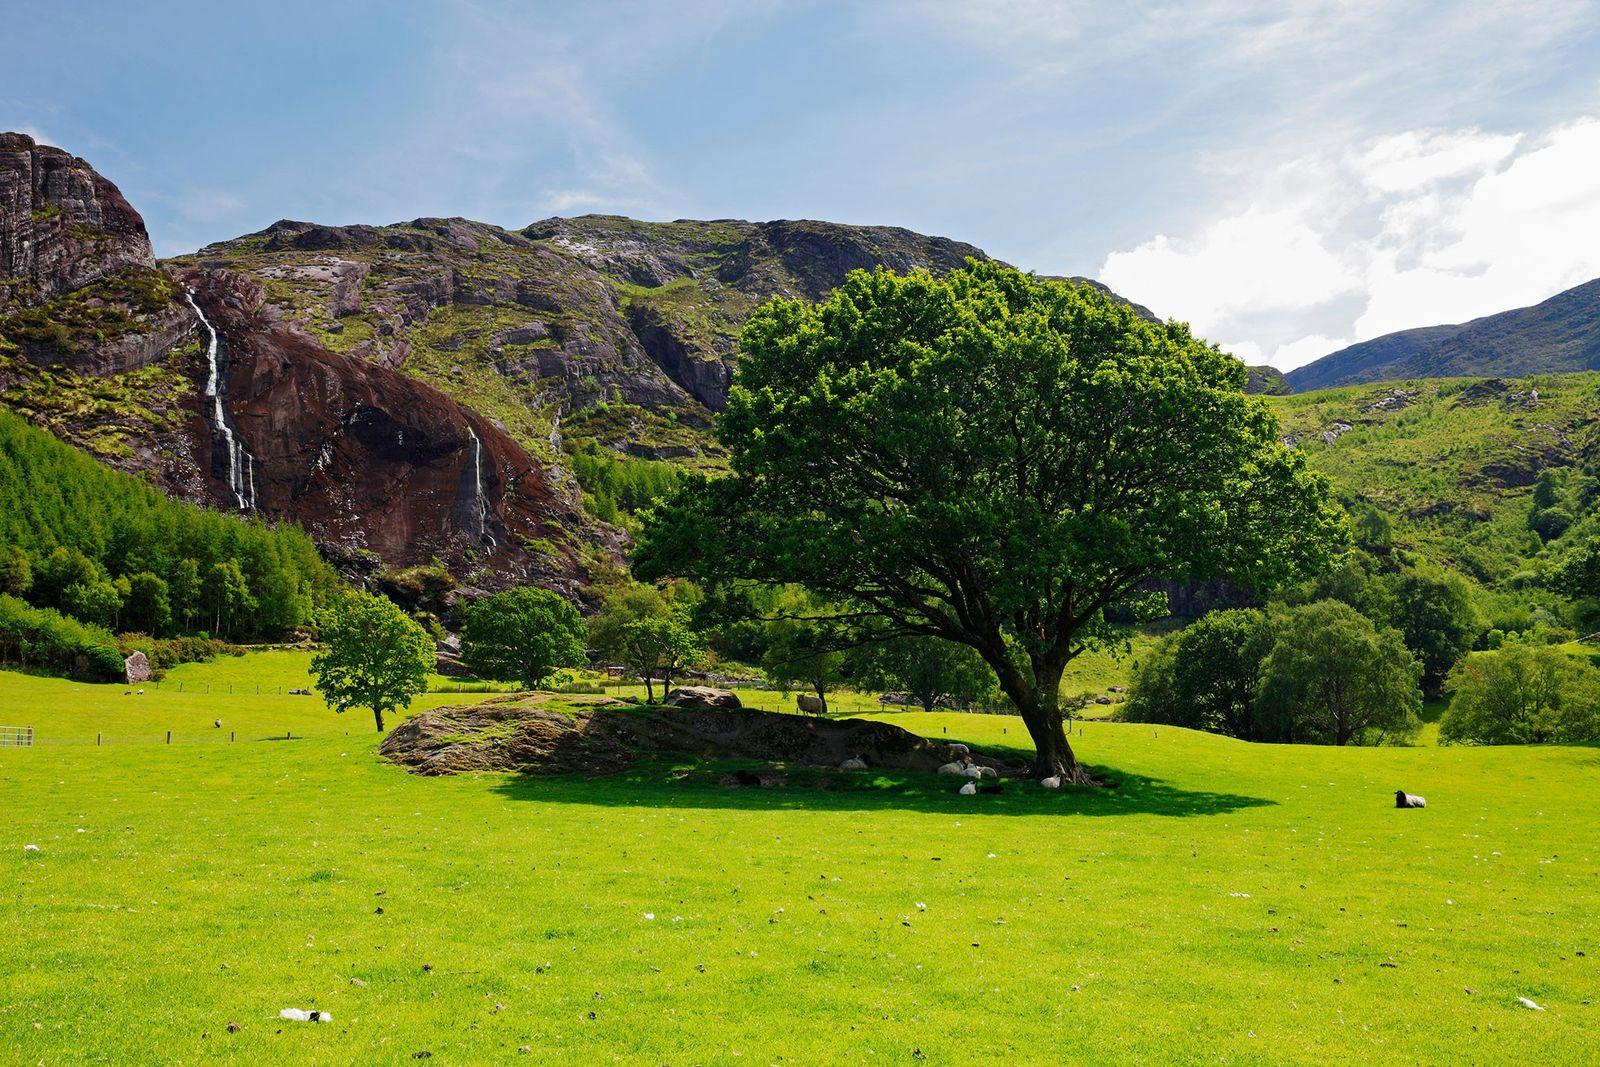 Imagen del Parque Gleninchaquin en la península de Beara cerca de Kenmare, condado de Kerry, Irlanda